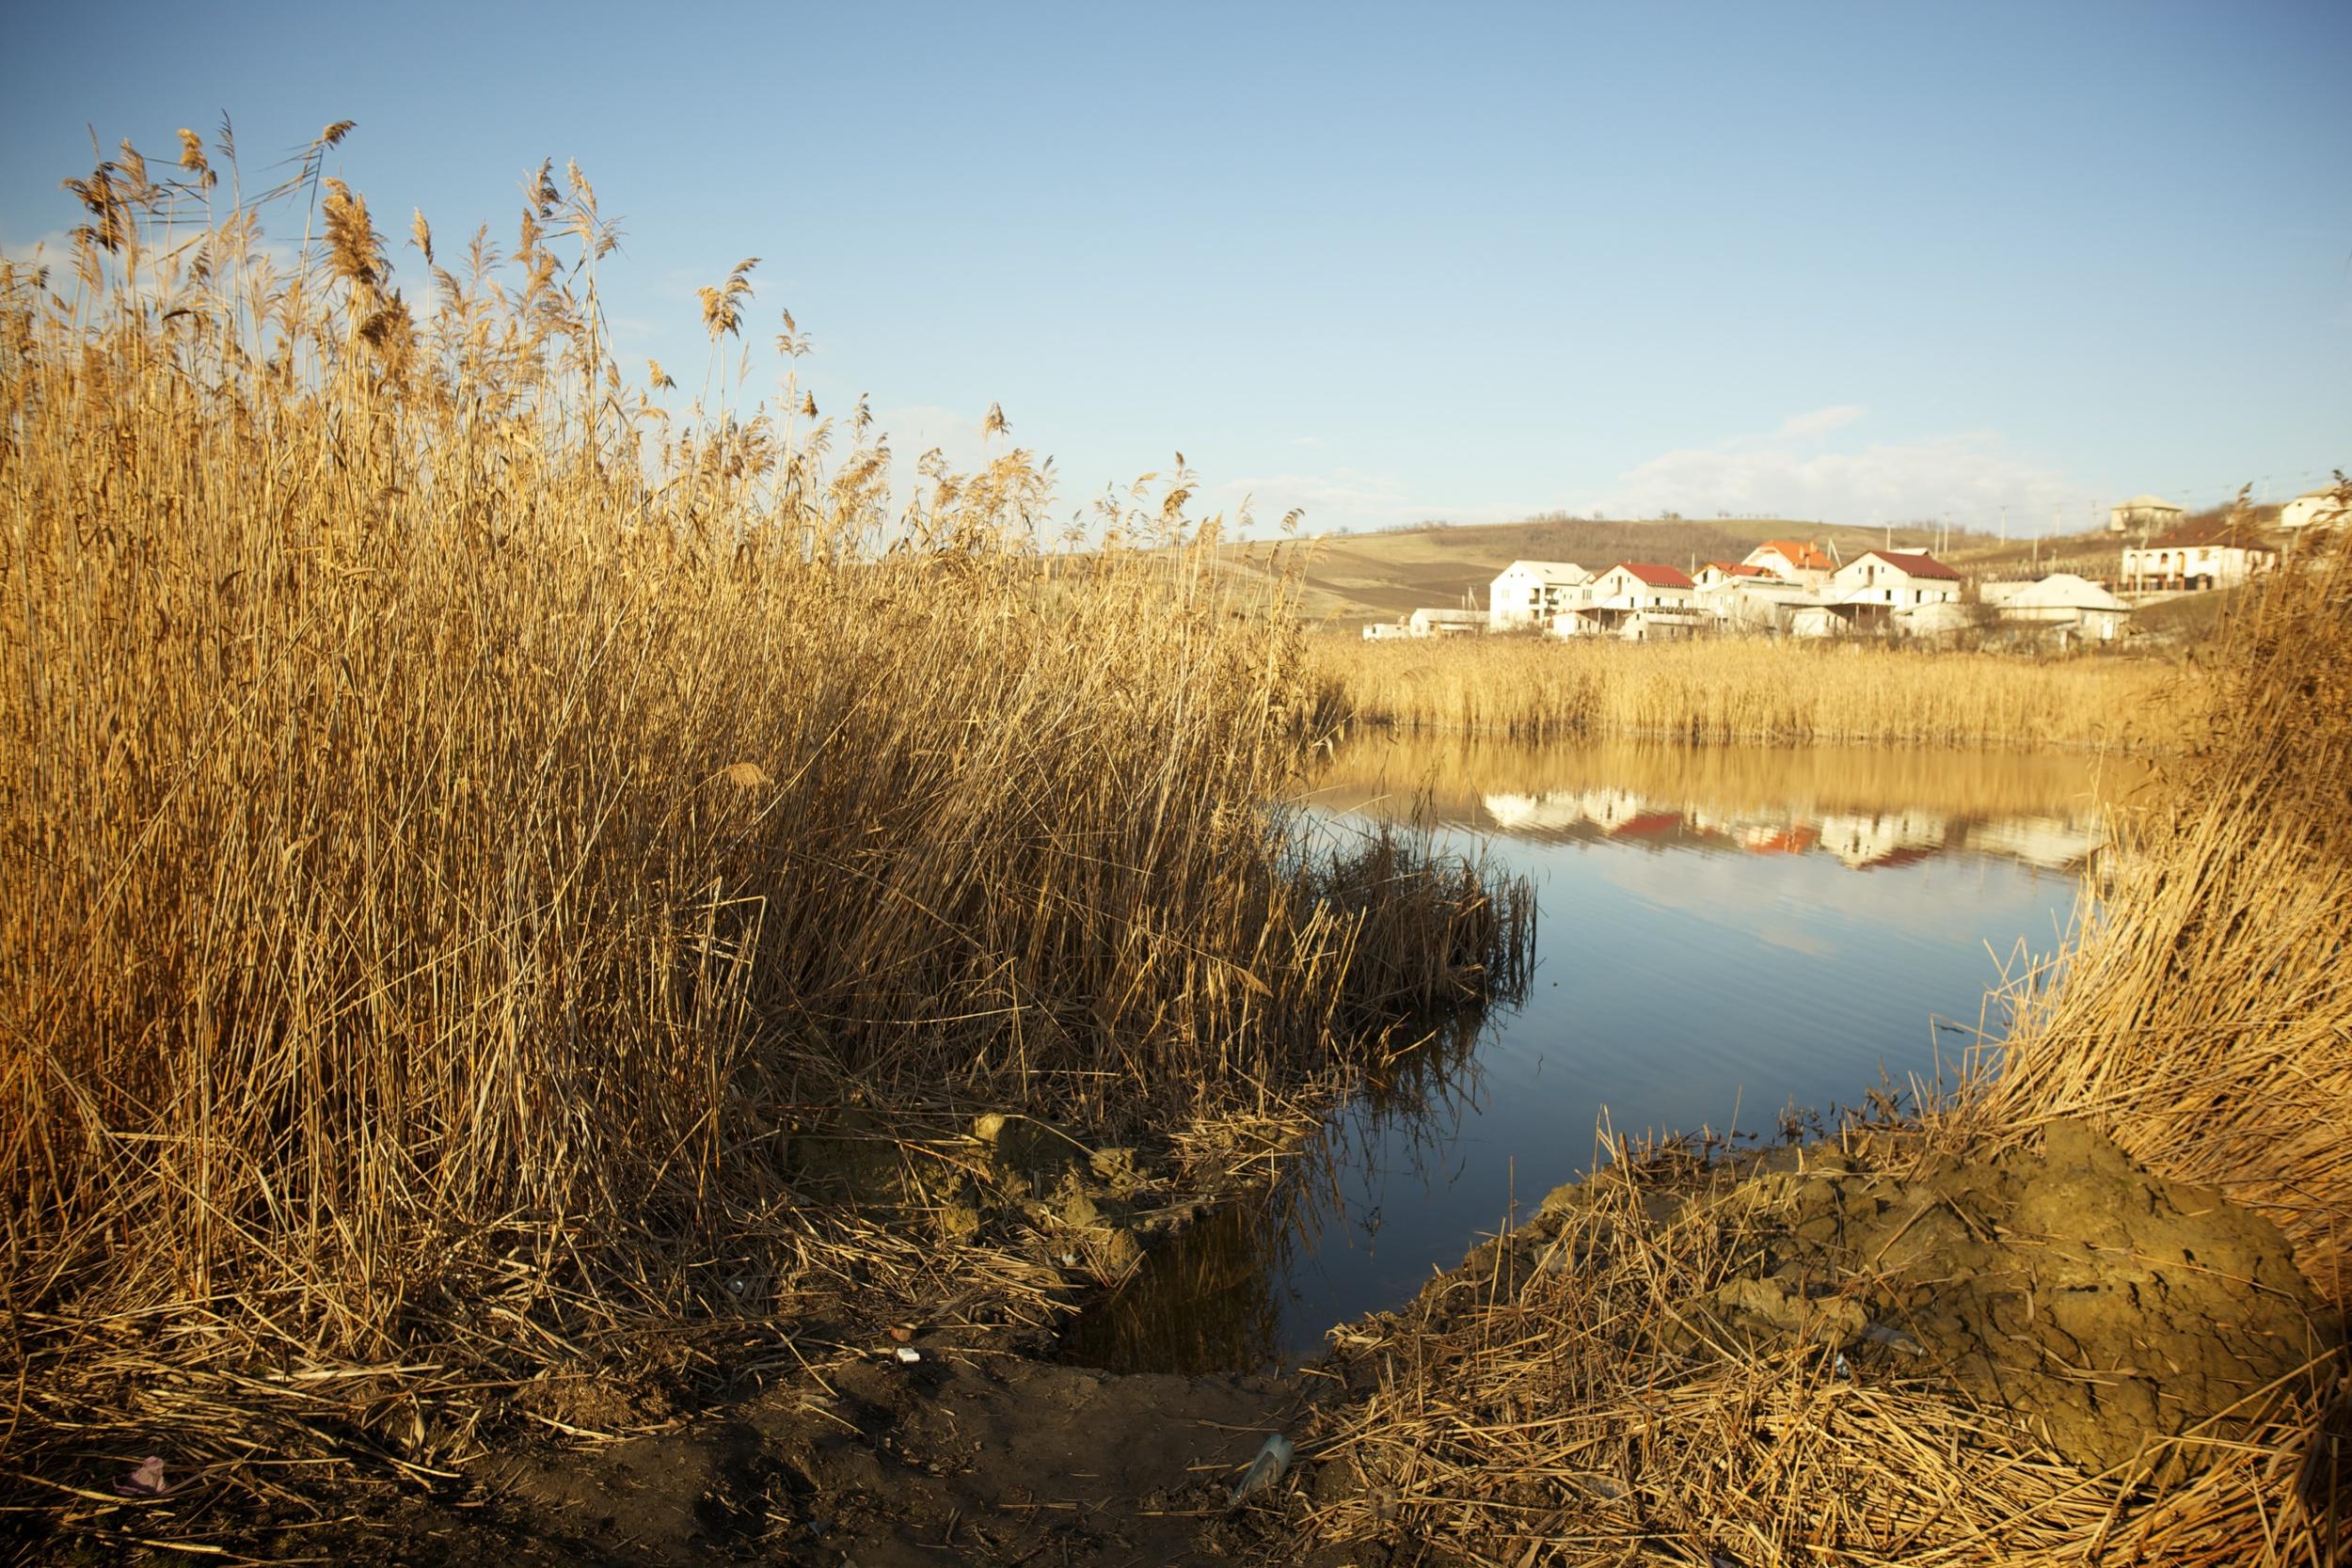 XYZ village